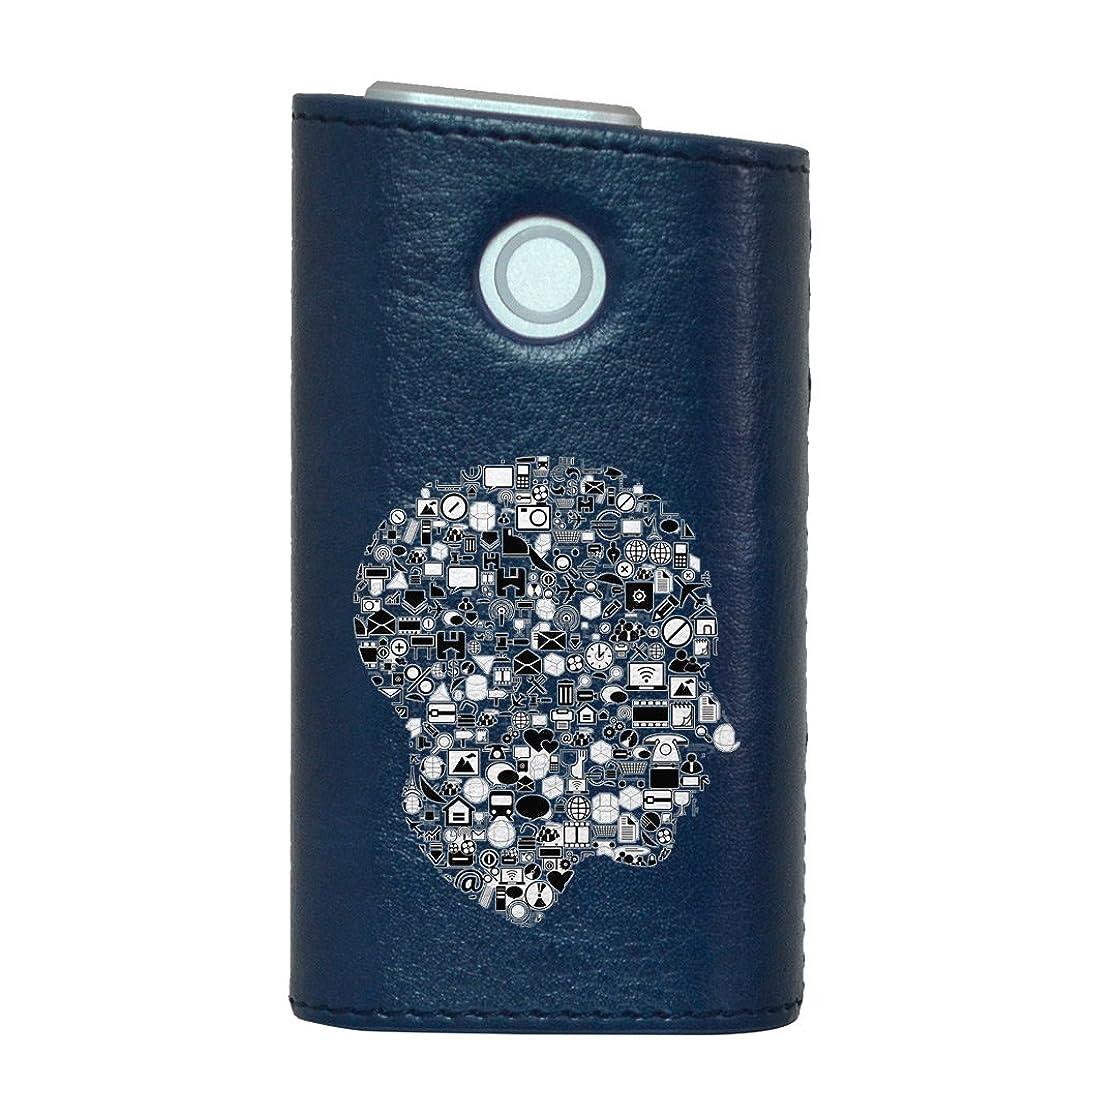 推定するこれらトーンglo グロー グロウ 専用 レザーケース レザーカバー タバコ ケース カバー 合皮 ハードケース カバー 収納 デザイン 革 皮 BLUE ブルー 人物 シルエット 014205